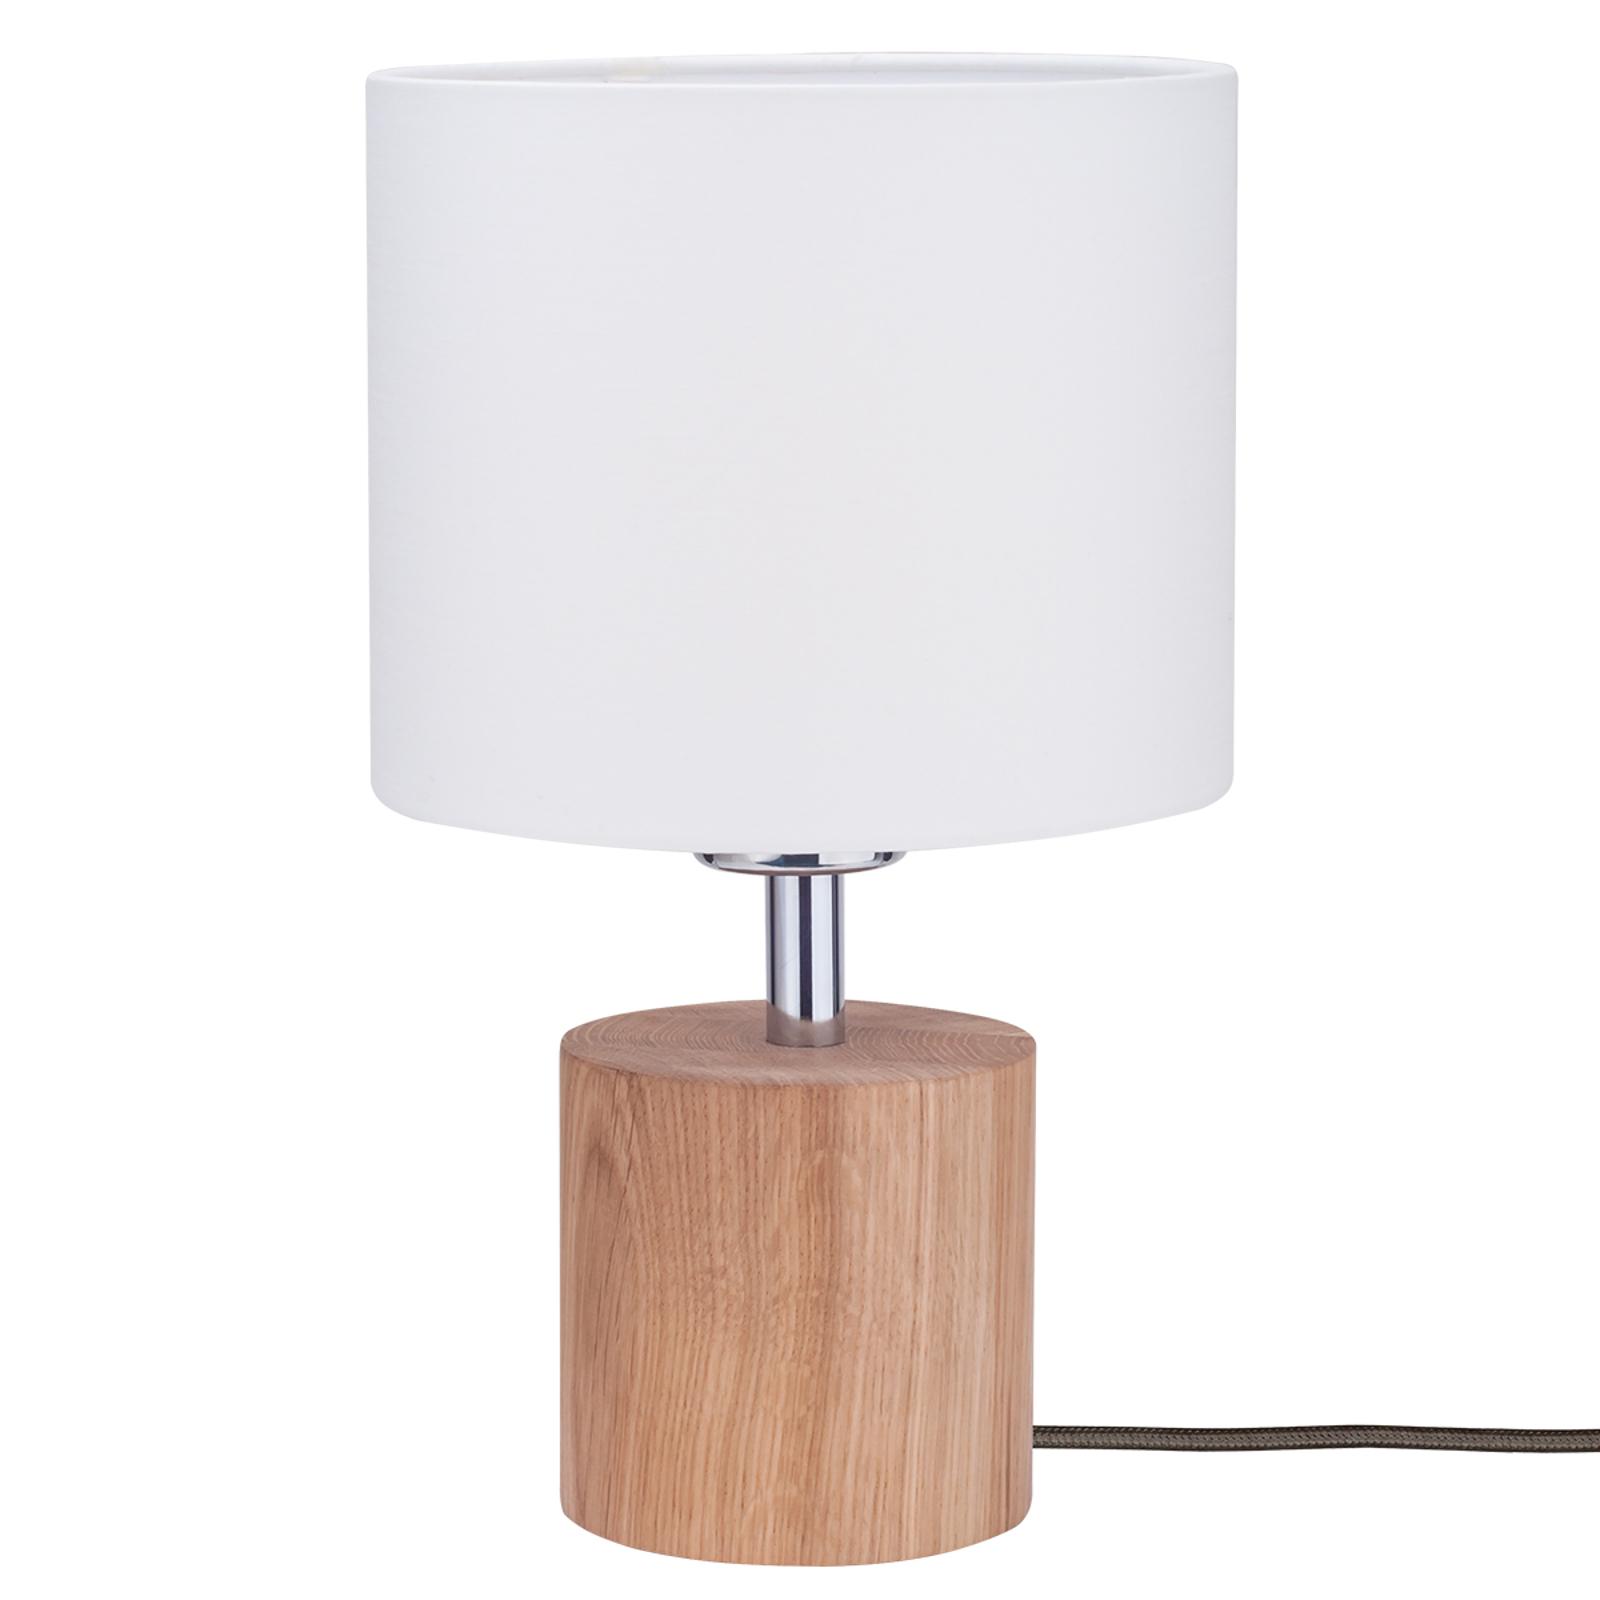 Lampa stołowa Trongo, dąb olejowany, biały klosz